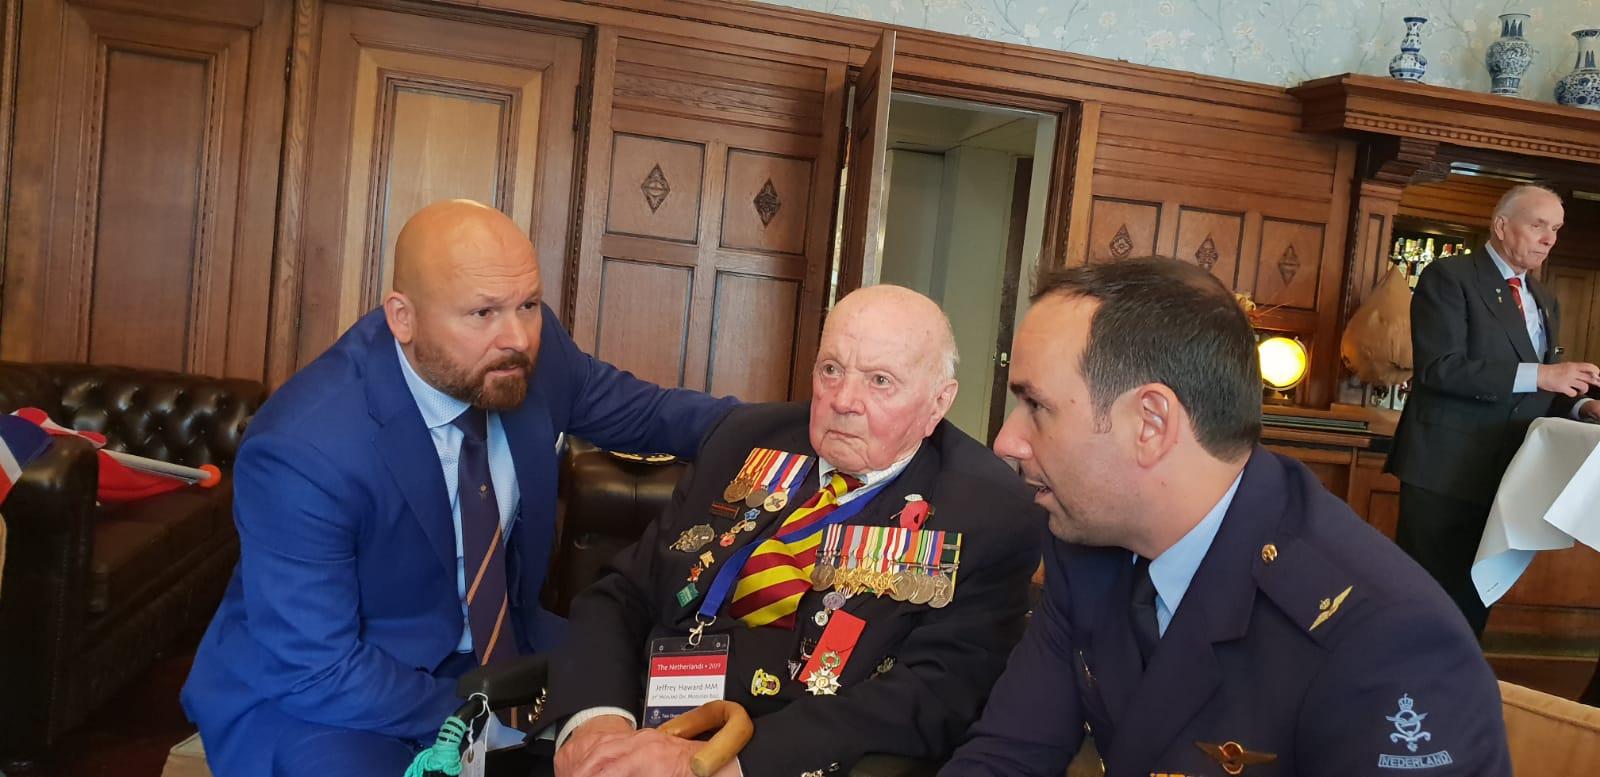 2019-05-05 | Marco Kroon bij bevrijdingsdefilé in Wageningen